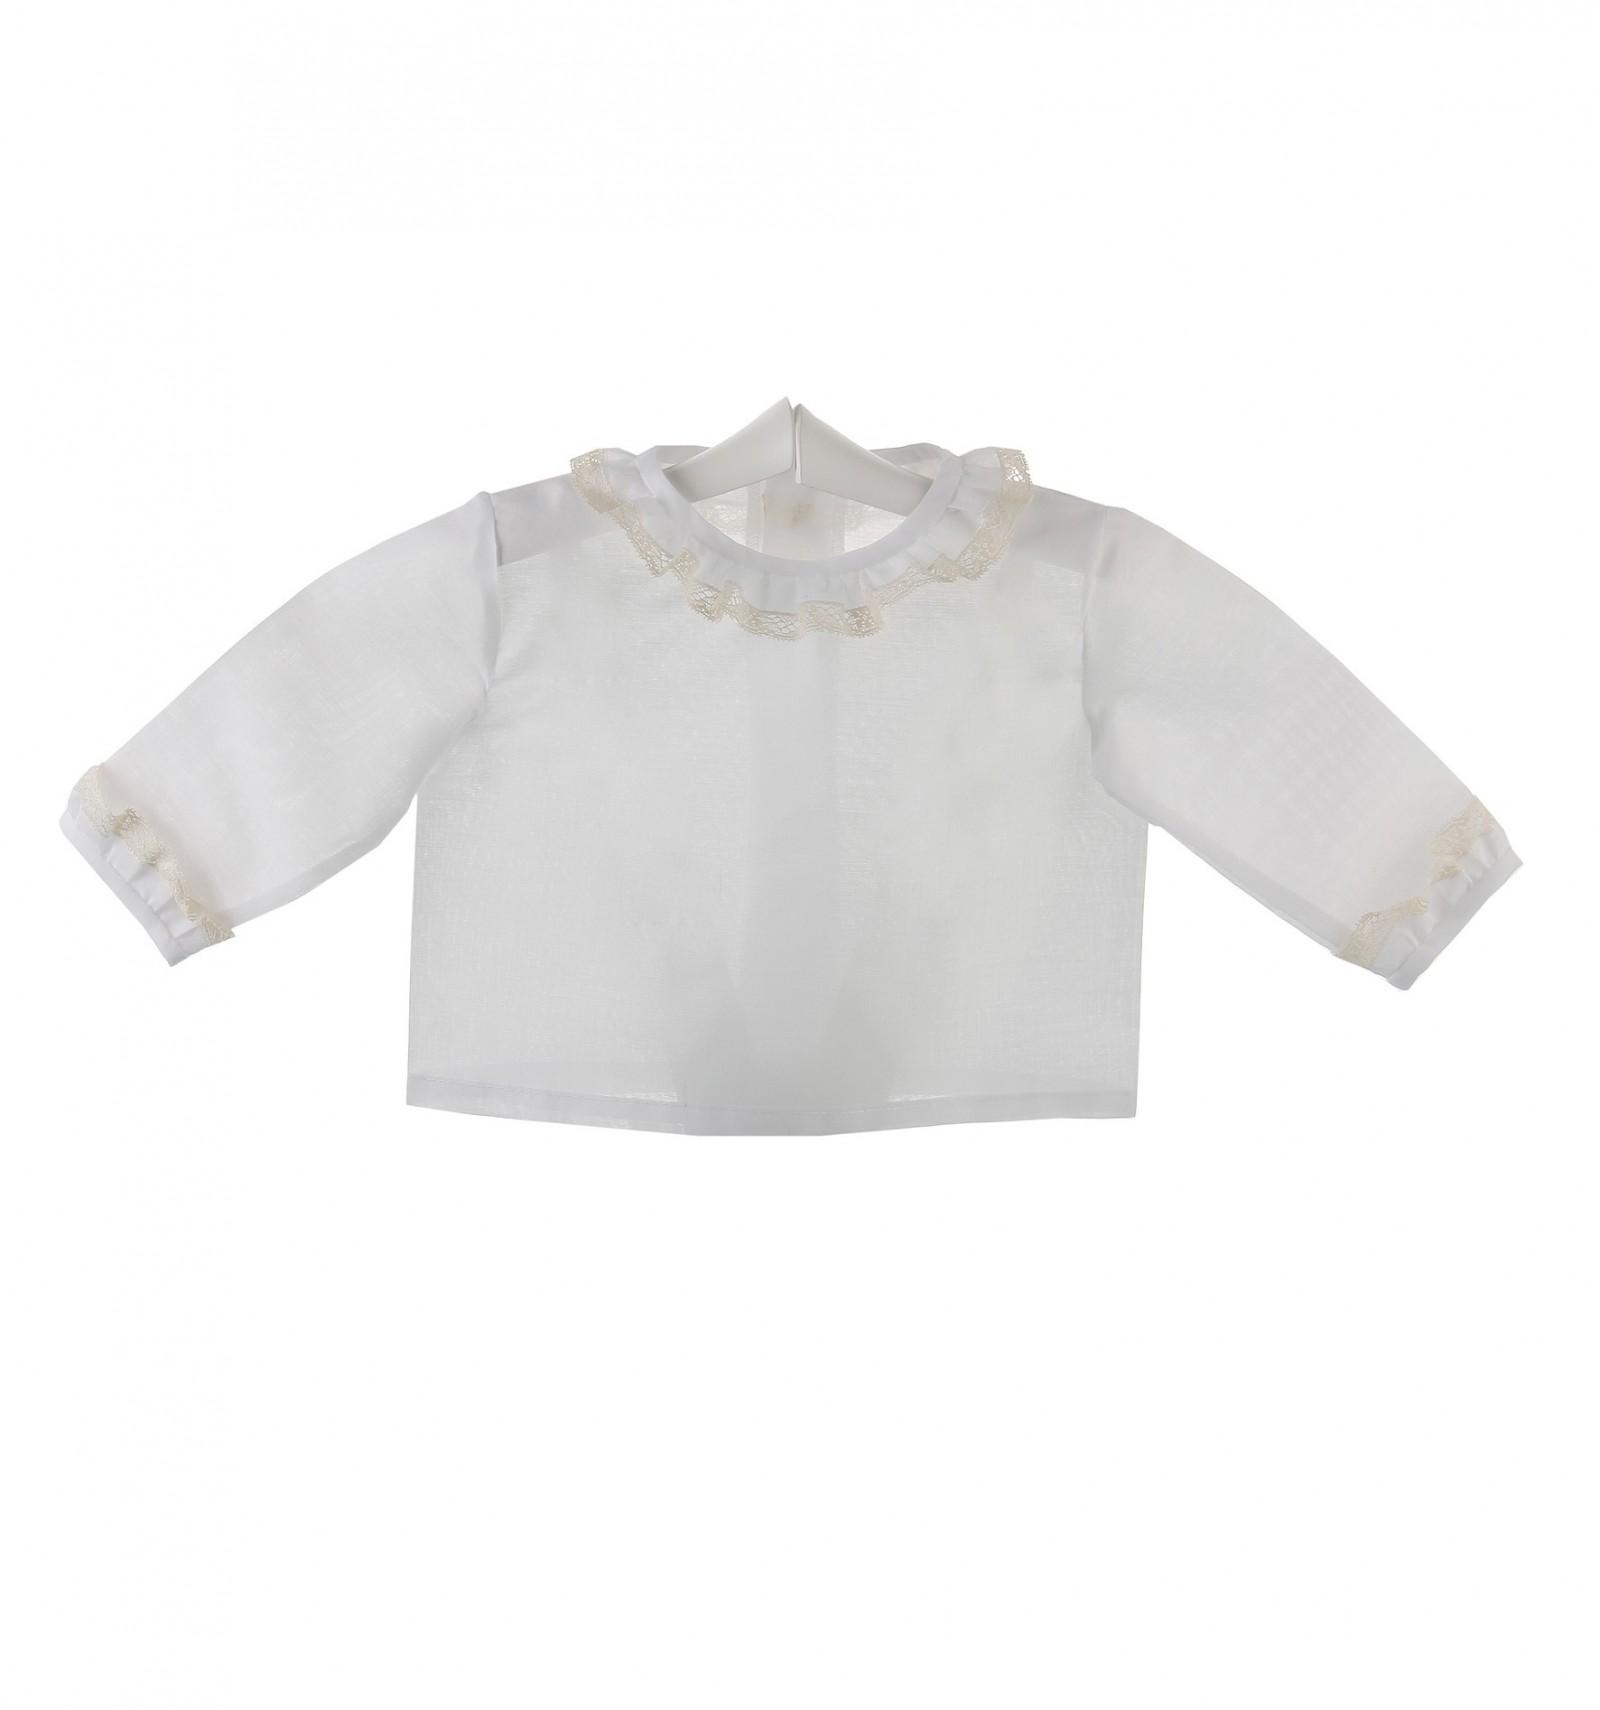 Camisa de ceremonia y bautizo para bebé con volante de encaje de Valencienne  y batista 094f026ad70